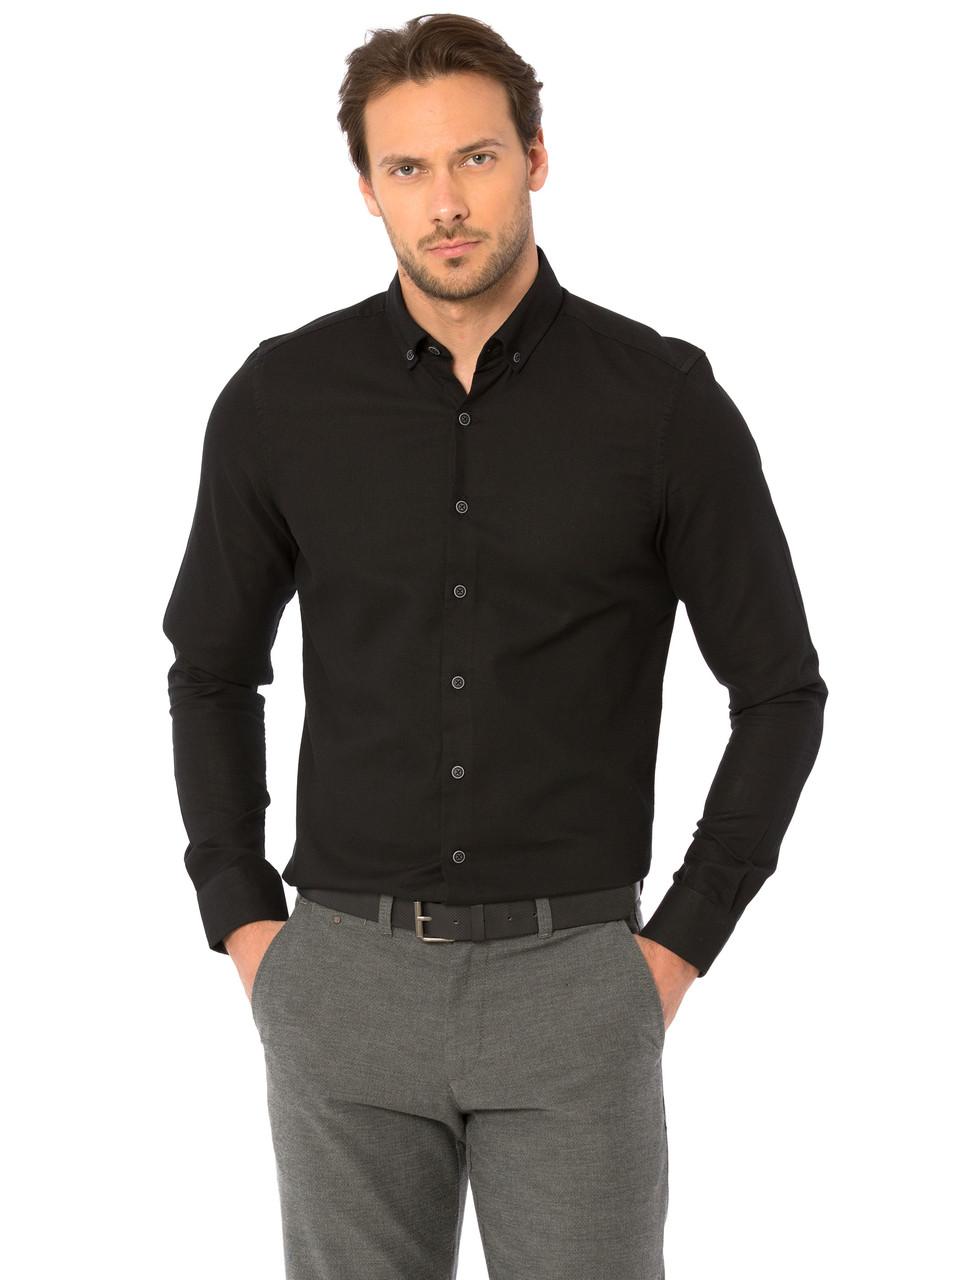 9269bb6c770 Черная мужская рубашка Lc Waikiki   ЛС Вайкики с пуговицами на воротнике